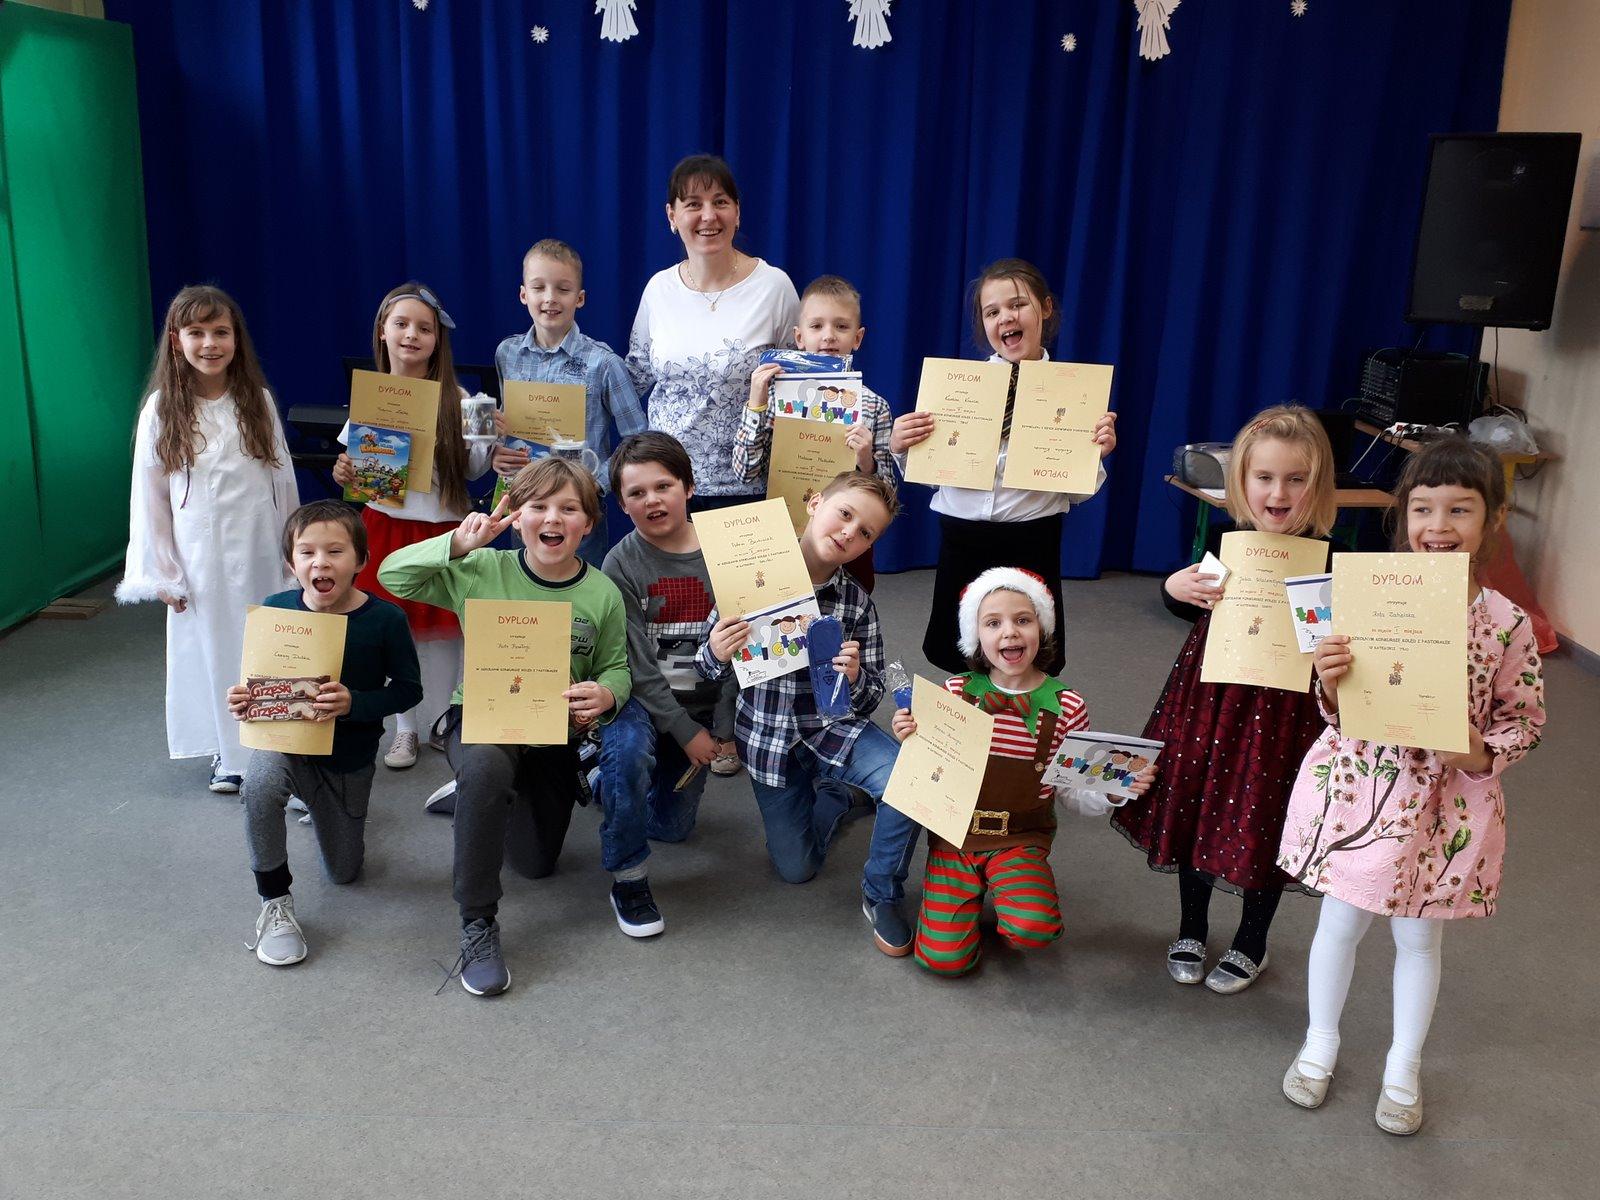 Konkurs kolęd i pastorałek po angielsku i po polsku w naszej szkole:)